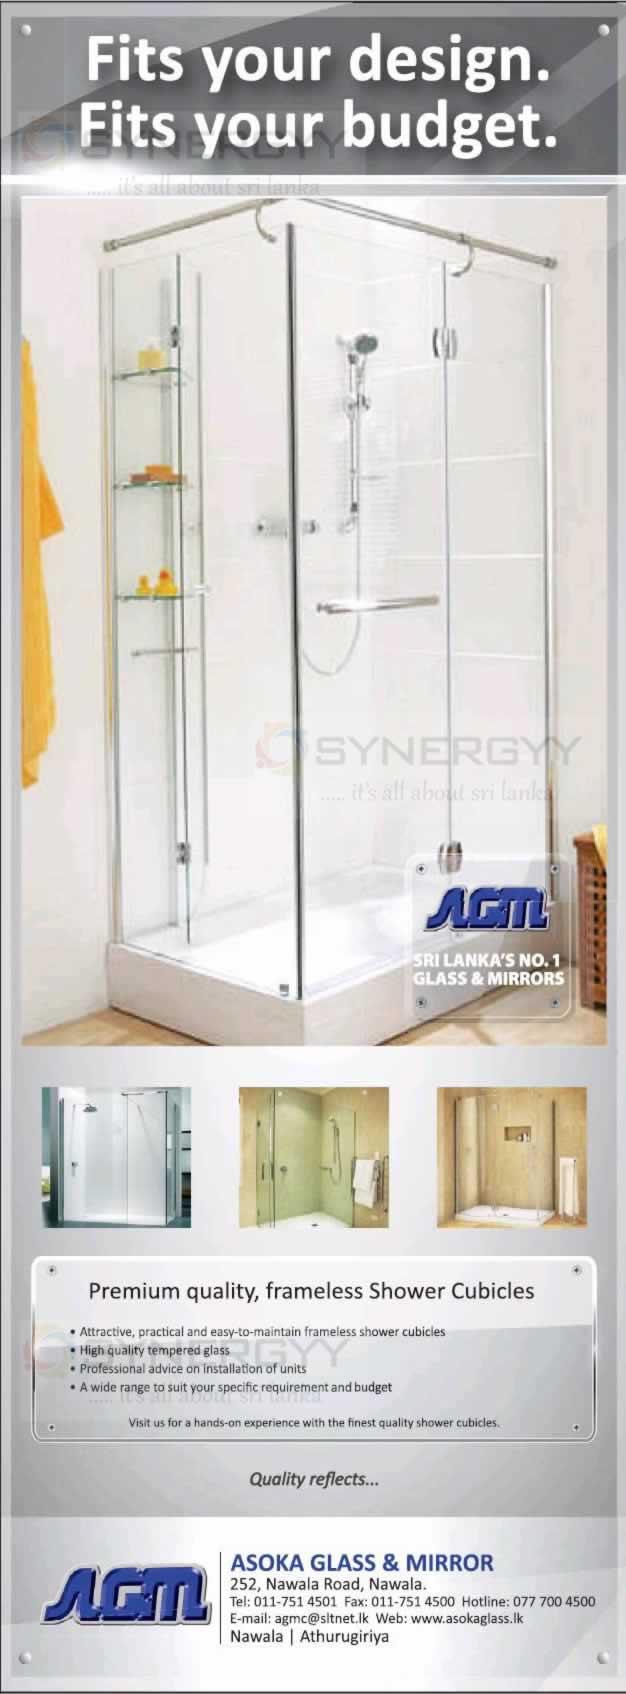 Frameless Shower Cubicles in Srilanka | SynergyY